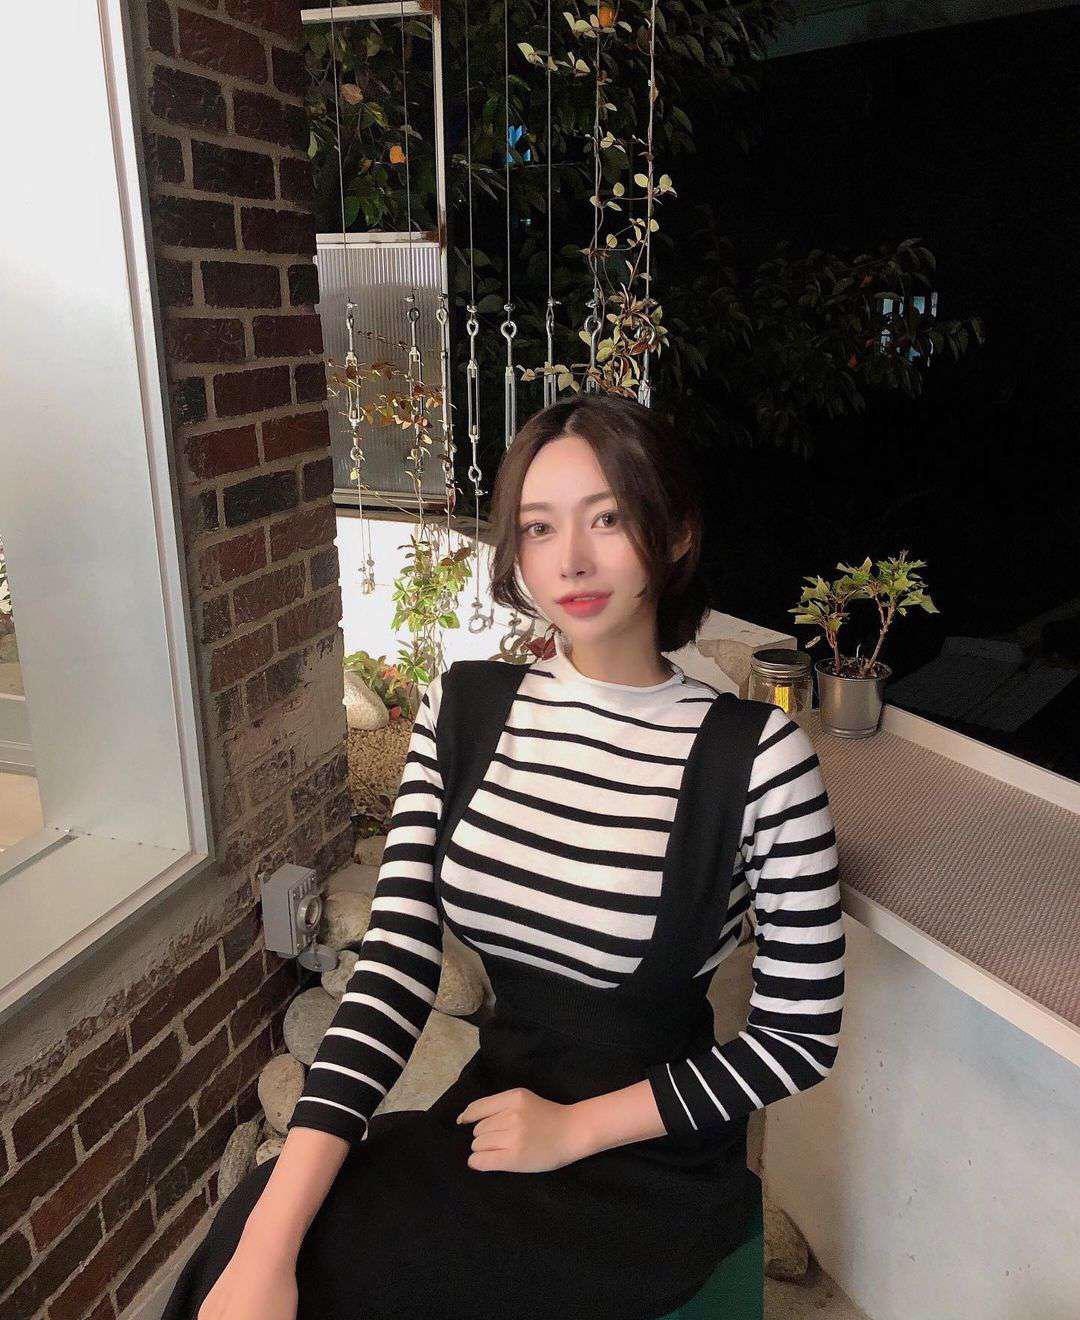 波涛胸涌的韩国正妹脸蛋甜美